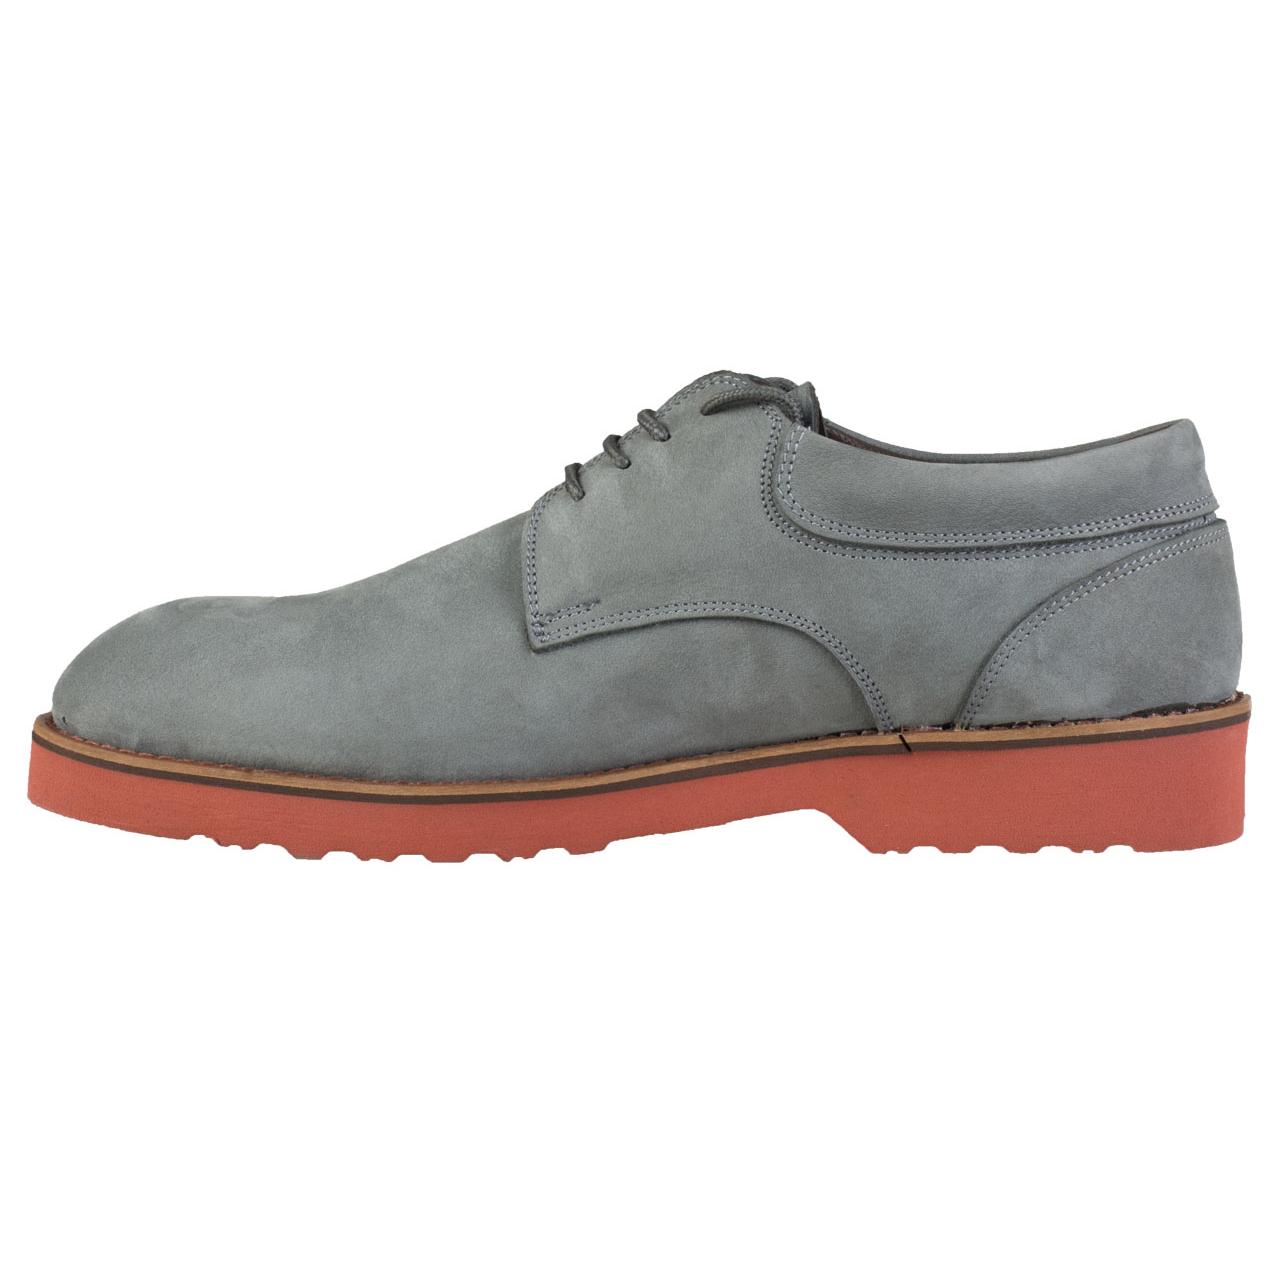 قیمت کفش چرم مردانه رسا چرم کد 102